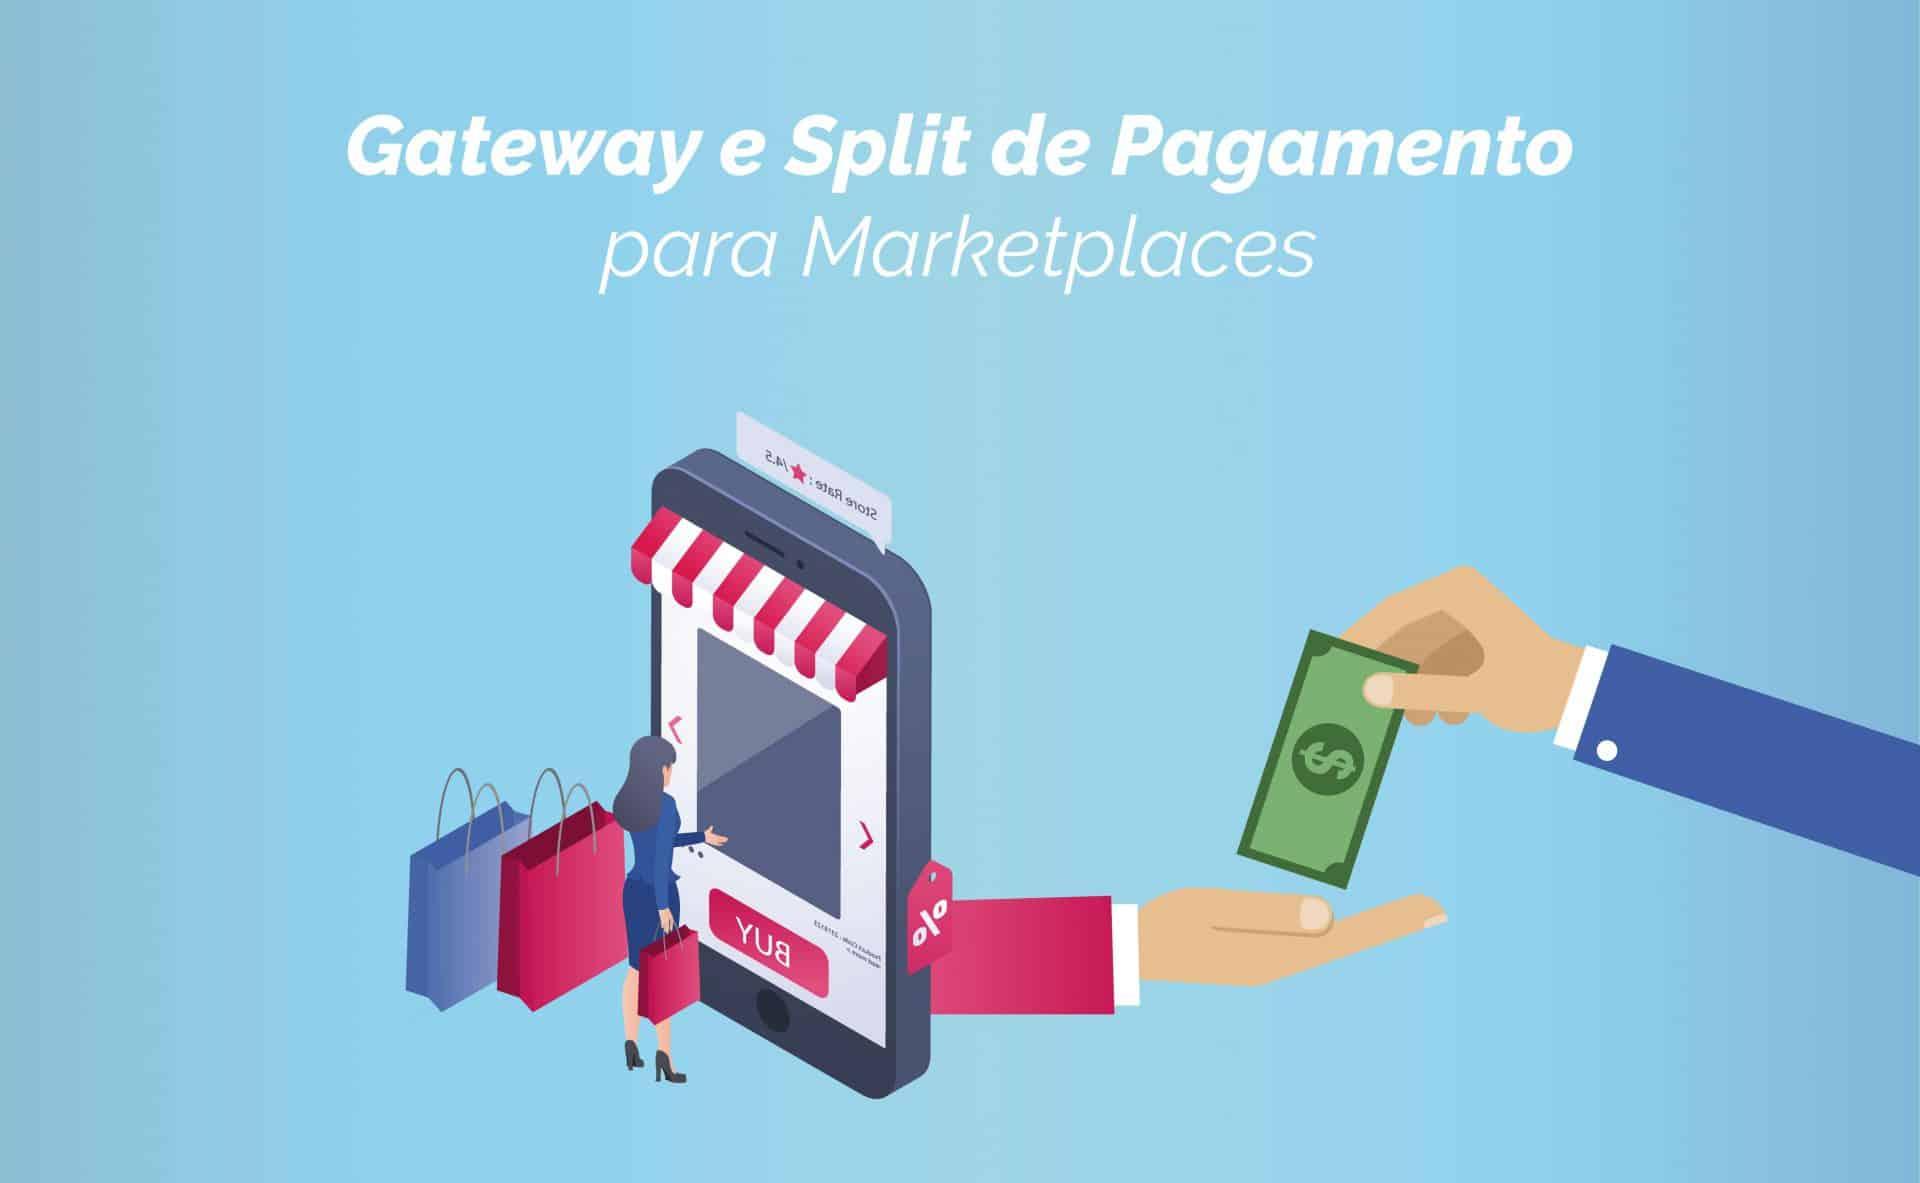 gateway-split-de-pagamento-marketplaces